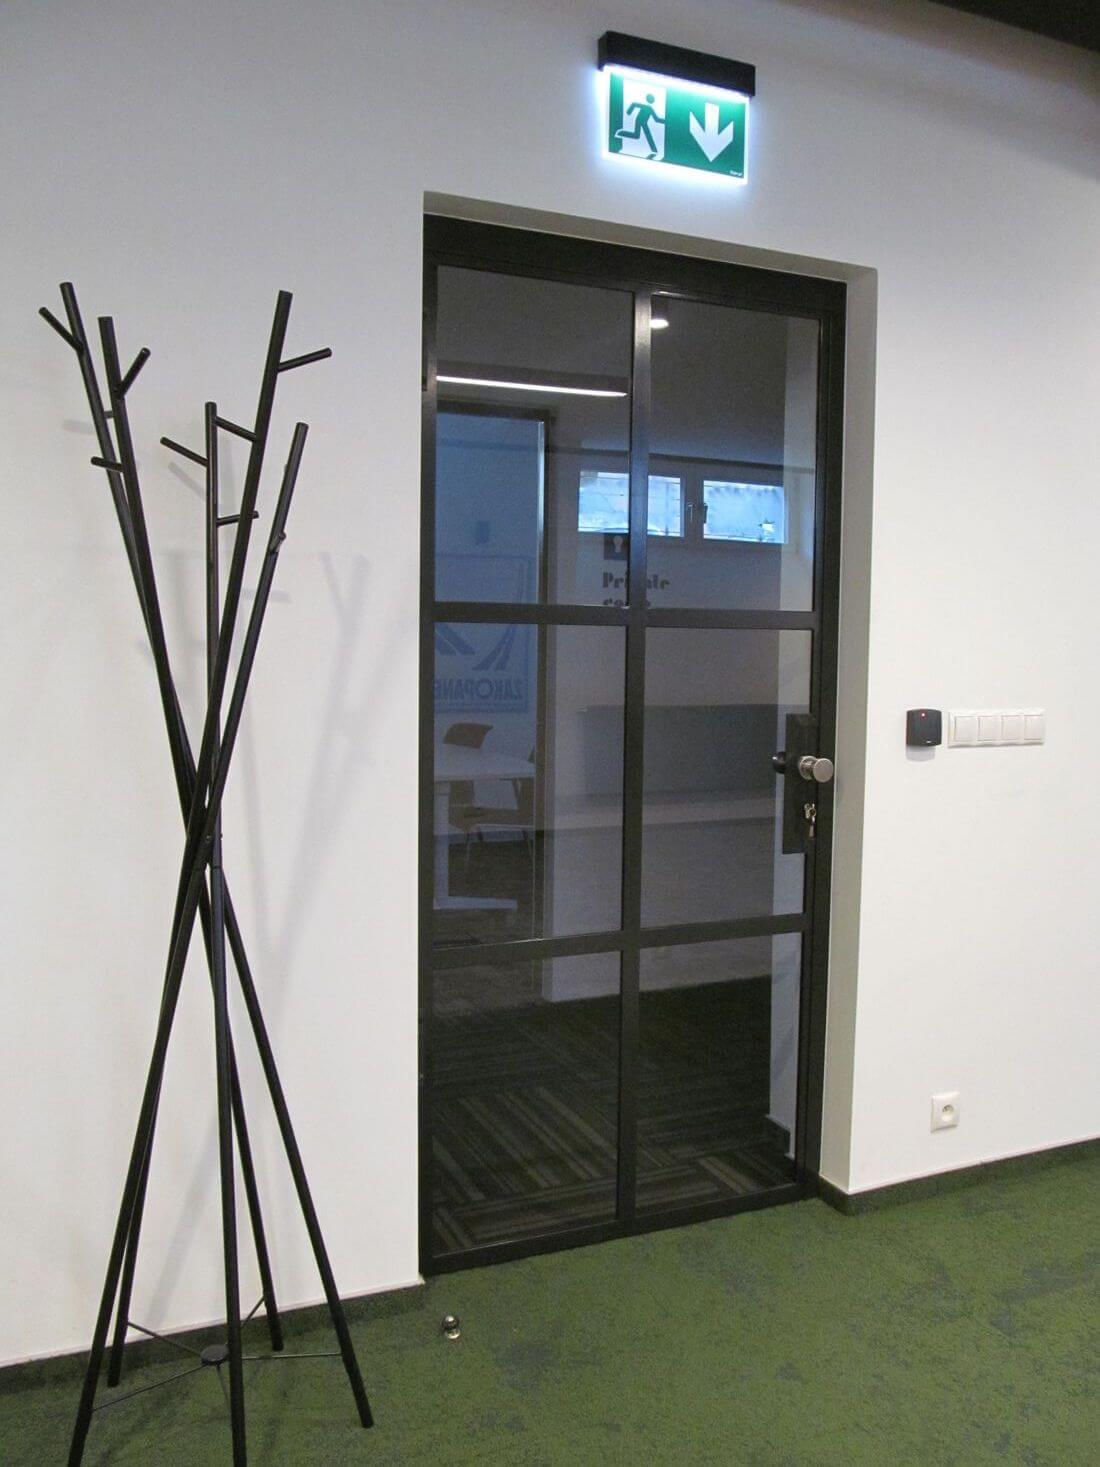 Puertas de vidrio tipo loft en la oficina del Grupo EIP hechas de vidrio reforzado 33.1 junto con lámina de seguridad